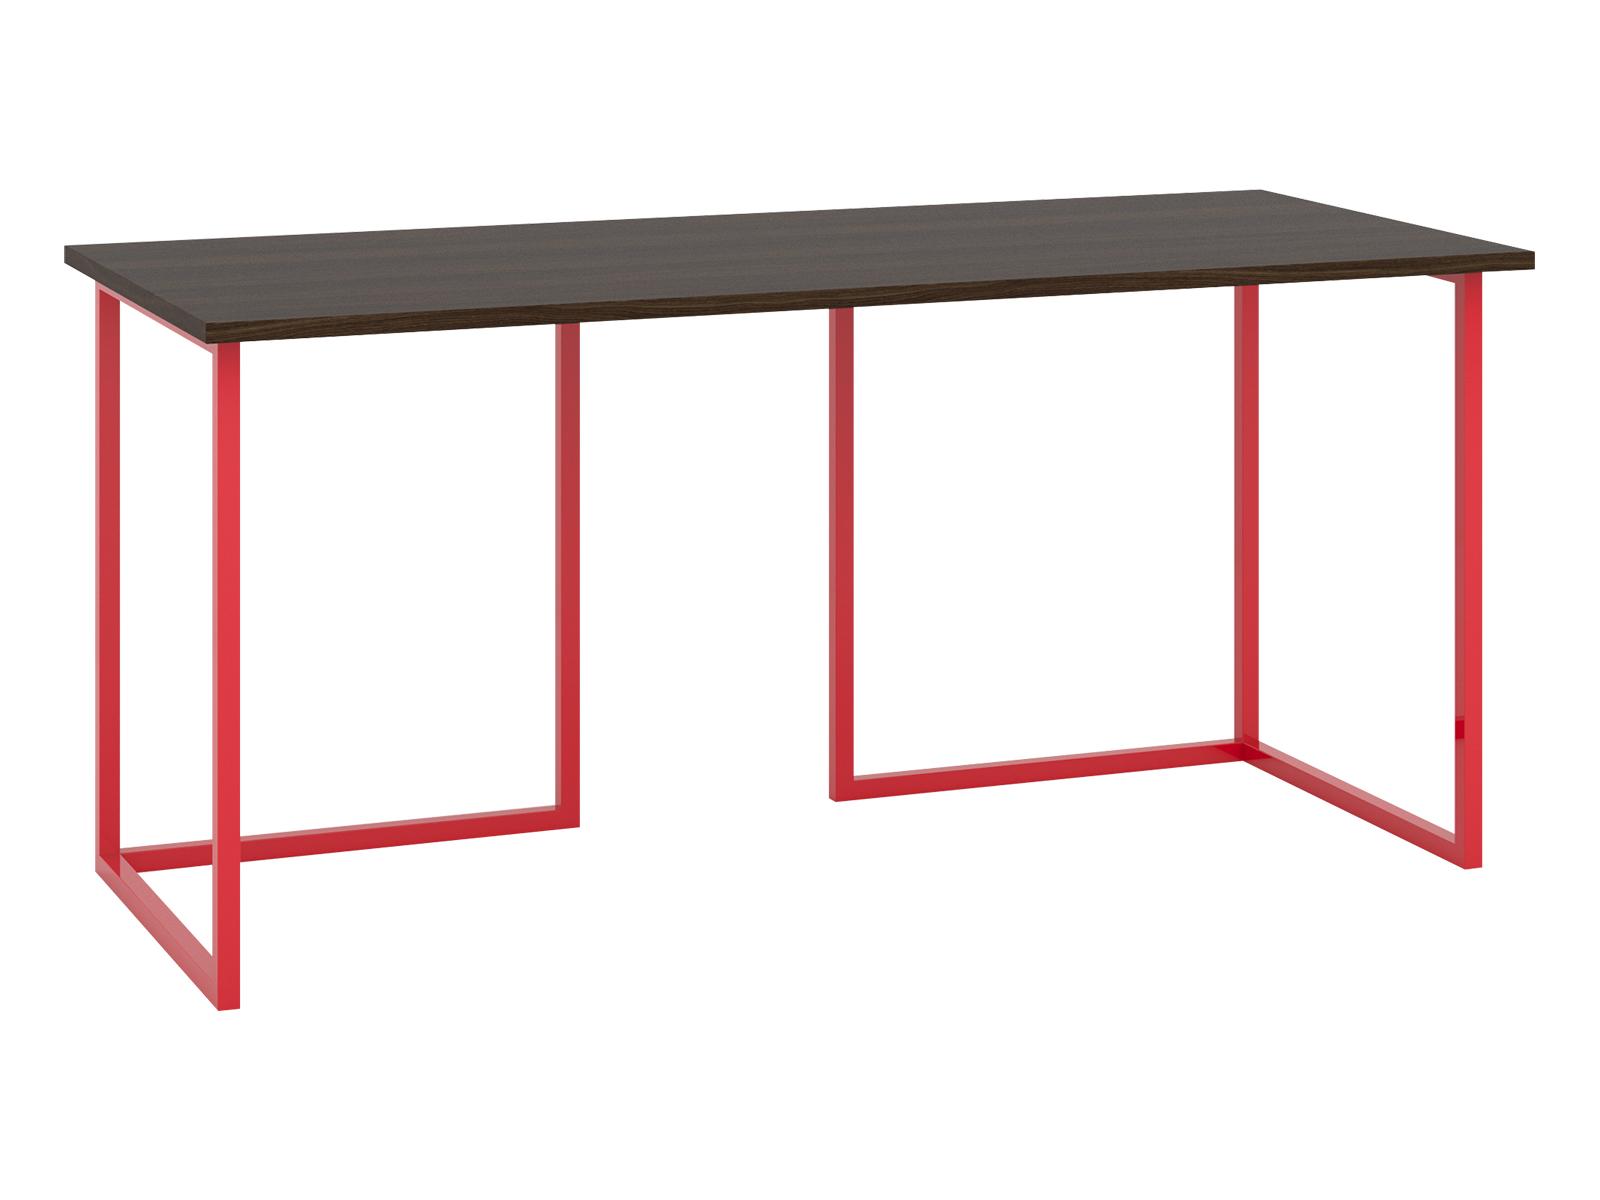 Стол BoardПисьменные столы<br>&amp;lt;div&amp;gt;Большой выбор столешниц и цветов оснований позволяет создавать комбинации, точно отвечающие вашим потребностям.&amp;lt;/div&amp;gt;&amp;lt;div&amp;gt;&amp;lt;br&amp;gt;&amp;lt;/div&amp;gt;&amp;lt;div&amp;gt;Материалы:&amp;lt;/div&amp;gt;&amp;lt;div&amp;gt;Основание: металл окрашенный.&amp;lt;/div&amp;gt;&amp;lt;div&amp;gt;Полки: ЛДСП 22мм.&amp;lt;/div&amp;gt;<br><br>Material: ДСП<br>Ширина см: 160<br>Высота см: 74<br>Глубина см: 70